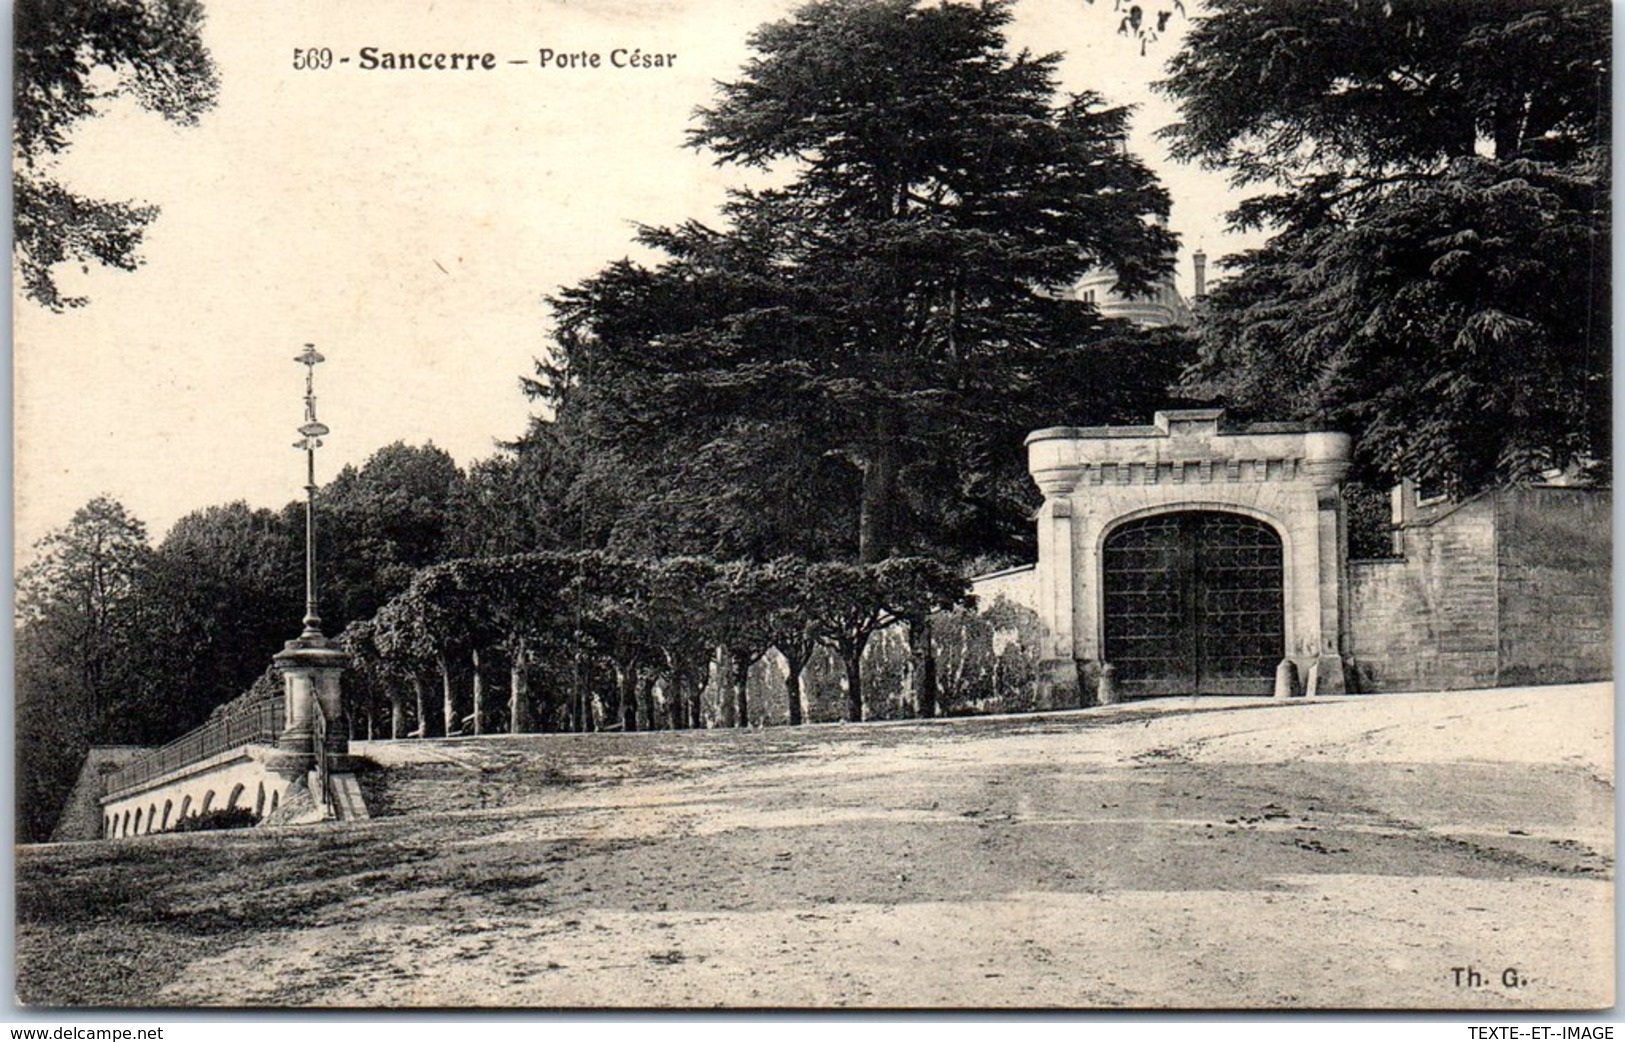 18 SANCERRE - Porte César [REF/S010869] - Sancerre